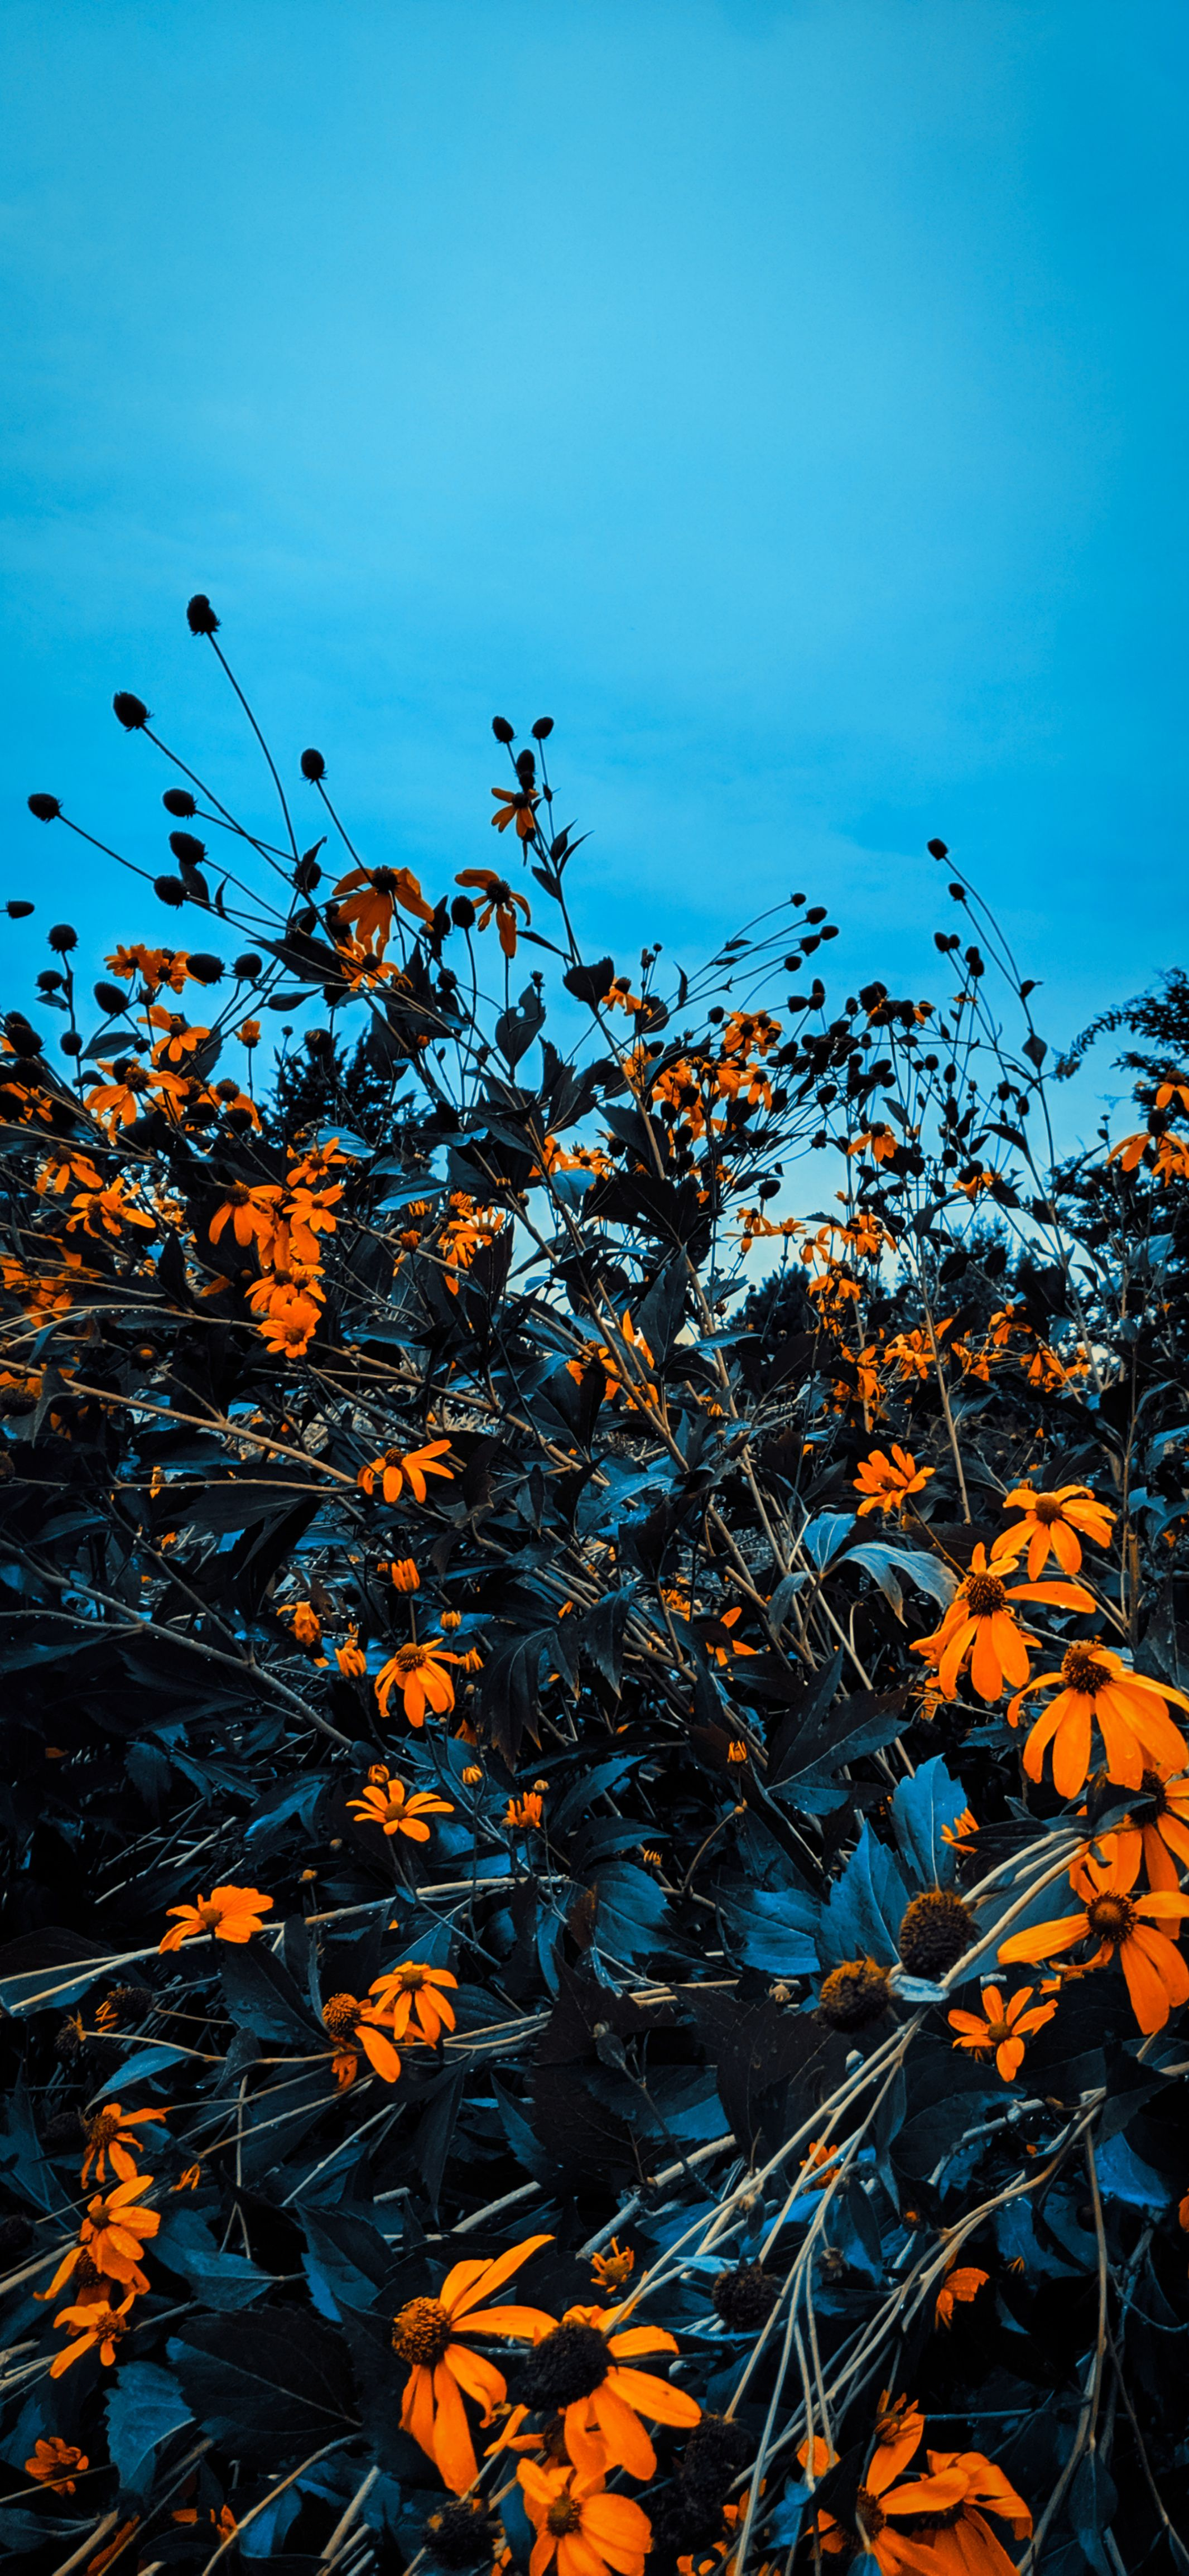 2131x4617 Hình nền lá mùa thu màu mùa thu cho iPhone